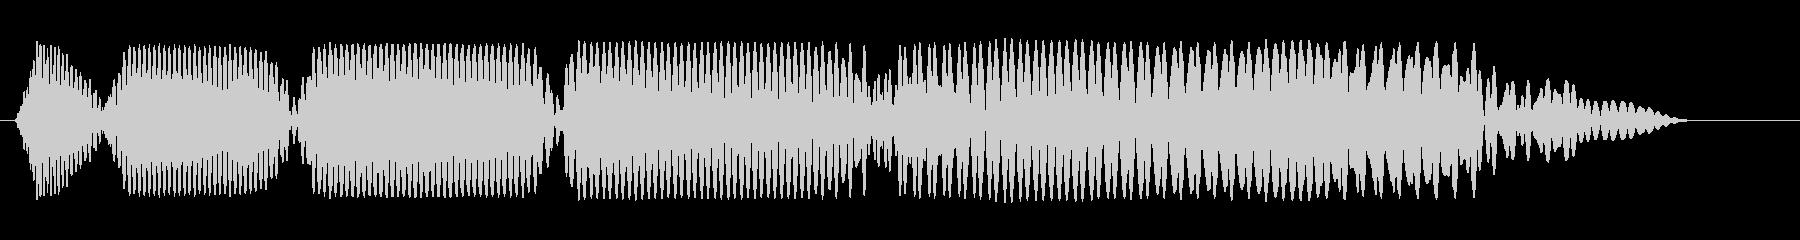 【ドゥーン】爆発直前の力が集中していく音の未再生の波形